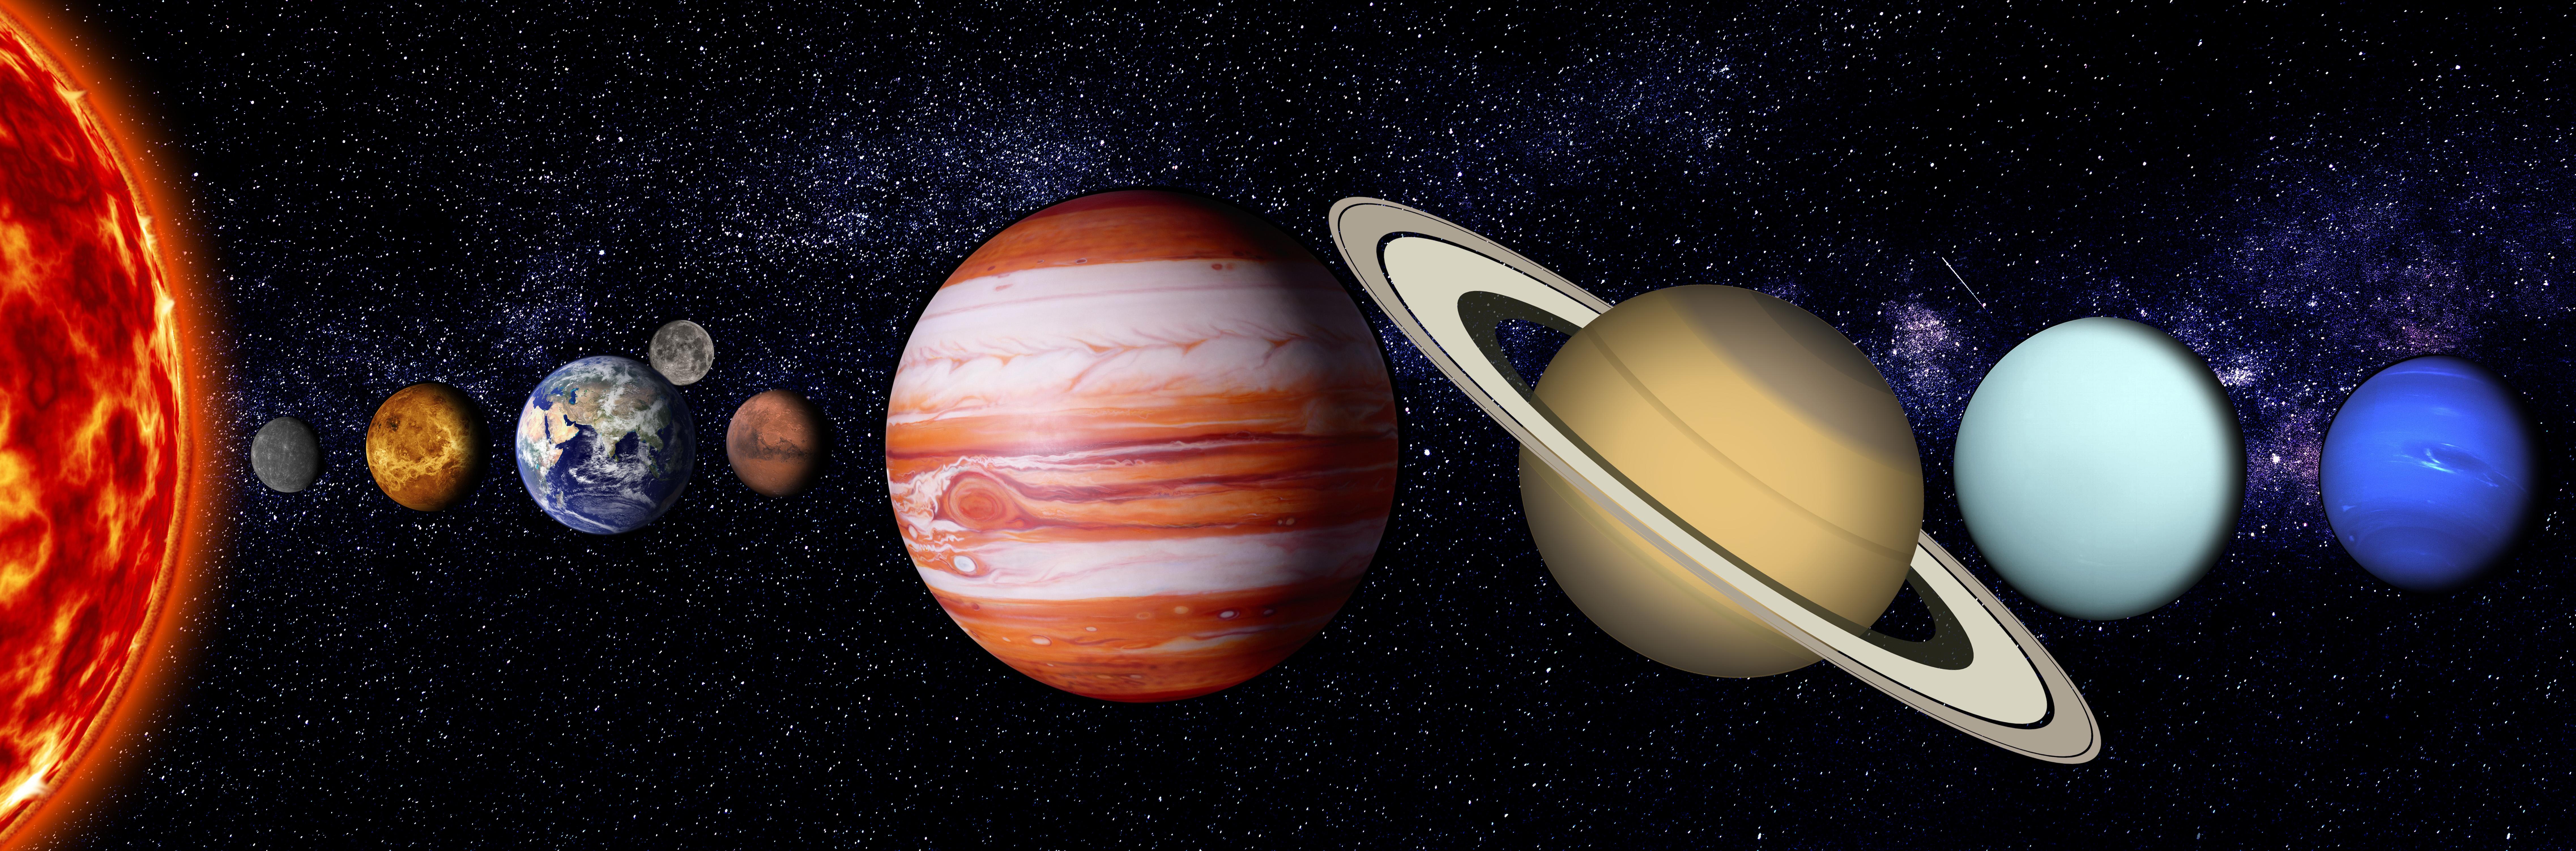 Fotoğraf Güneş Sistemi Evren Toprak Jüpiter Satürn Ay Merkür